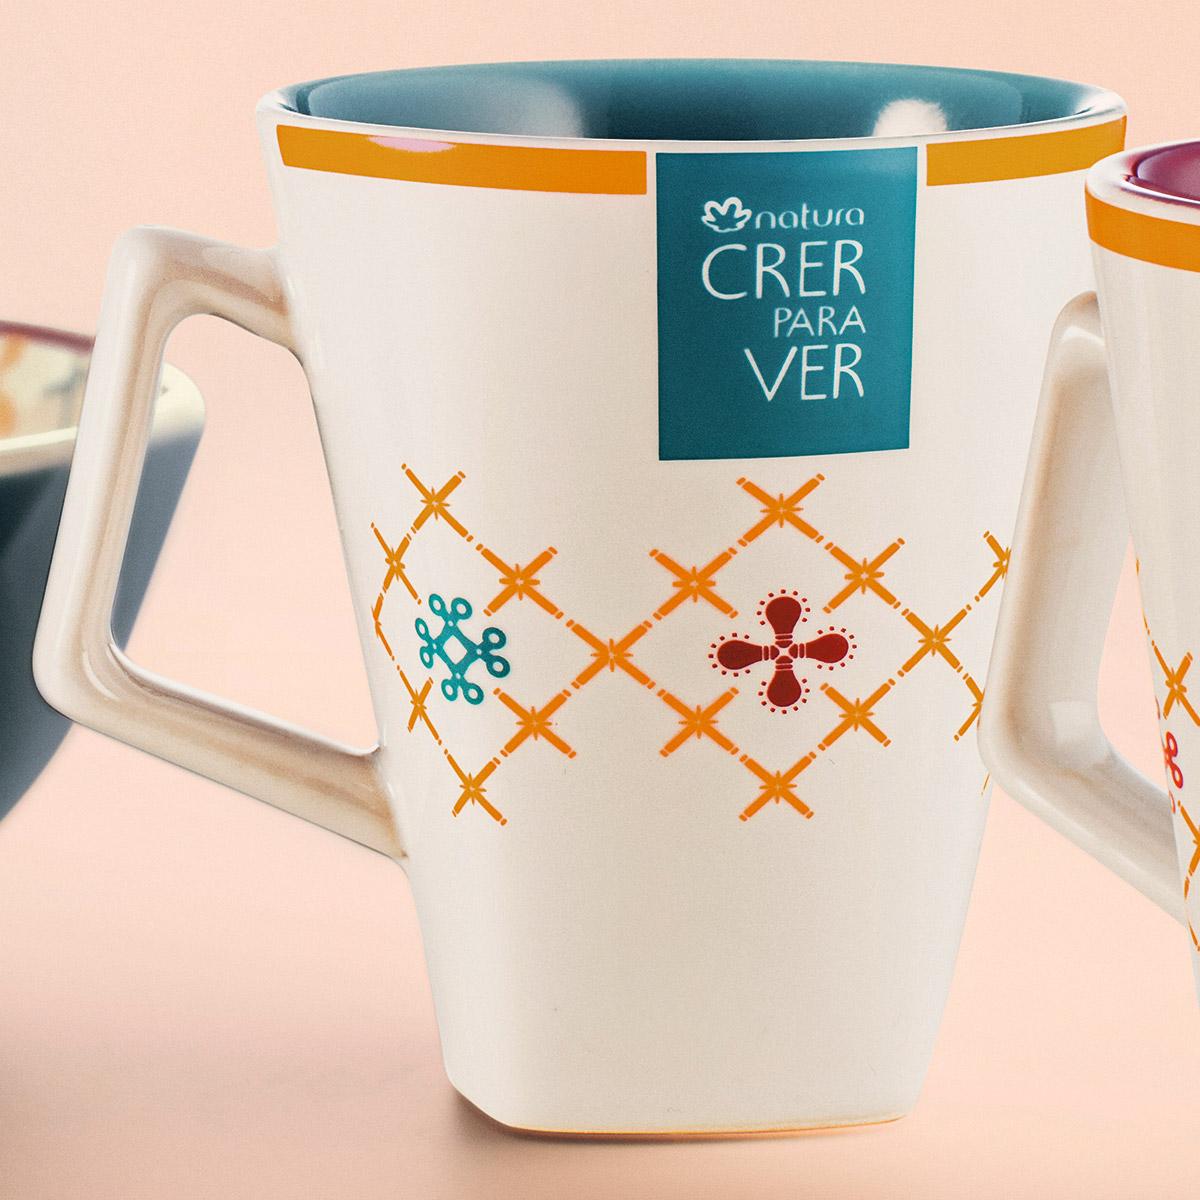 Caneca de Cerâmica Azul Crer Para Ver - 270ml - 79445